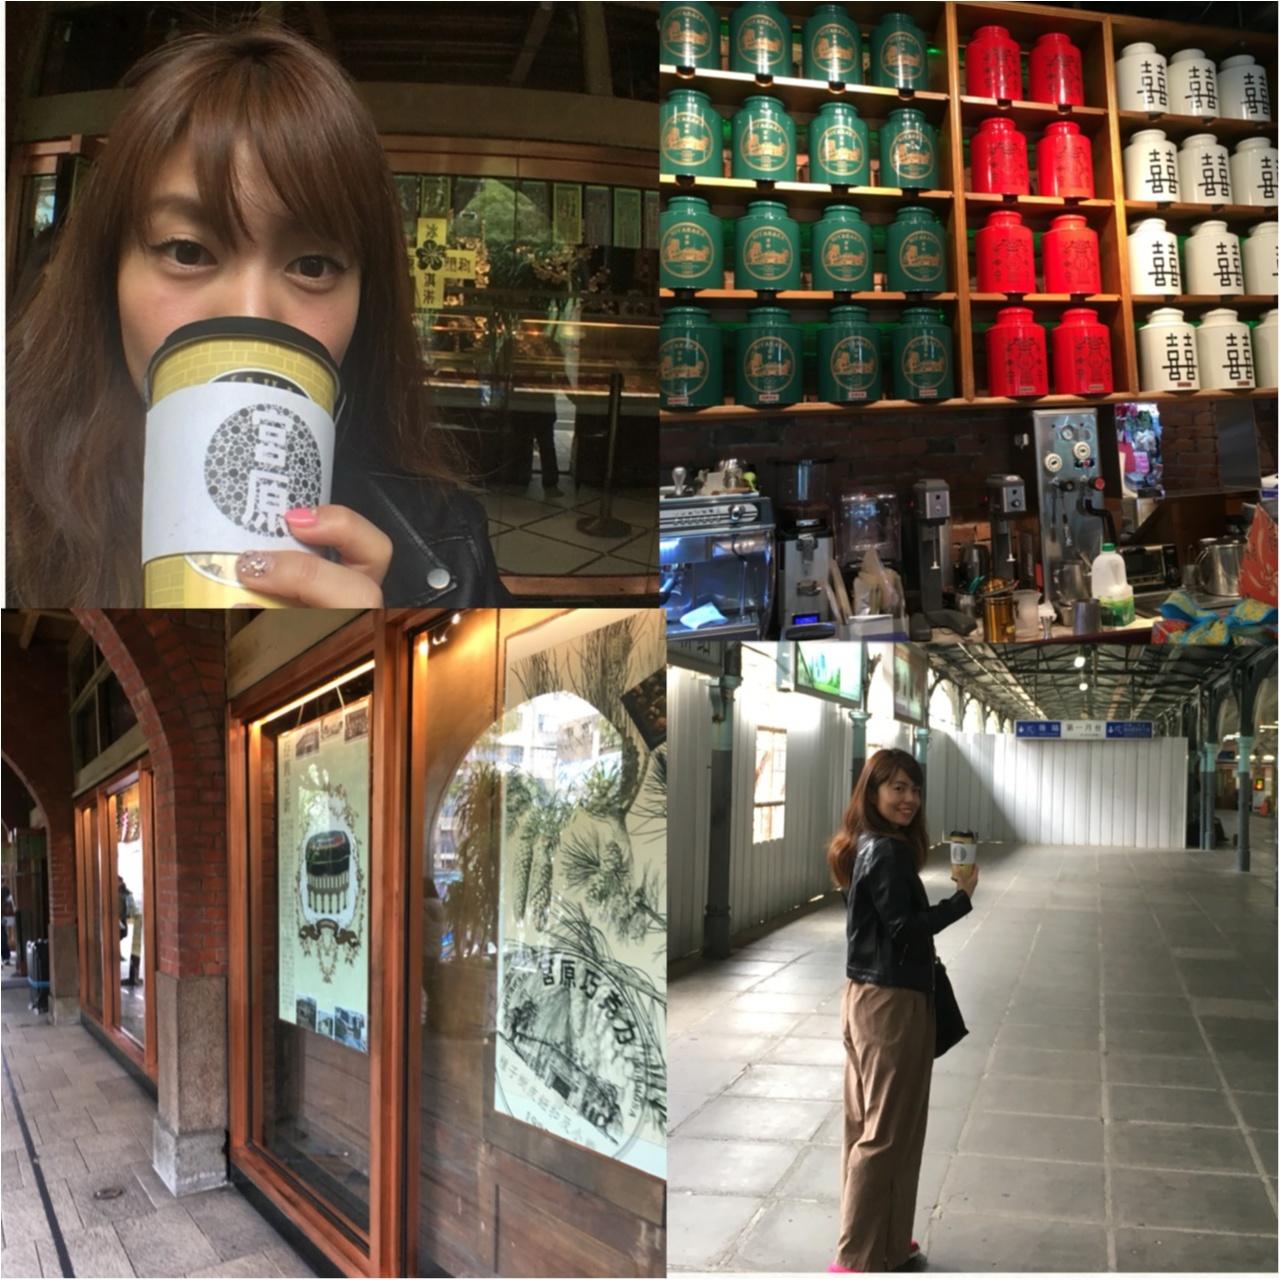 台湾のおしゃれなカフェ&食べ物特集 - 人気のタピオカや小籠包も! 台湾女子旅におすすめのグルメ情報まとめ_90